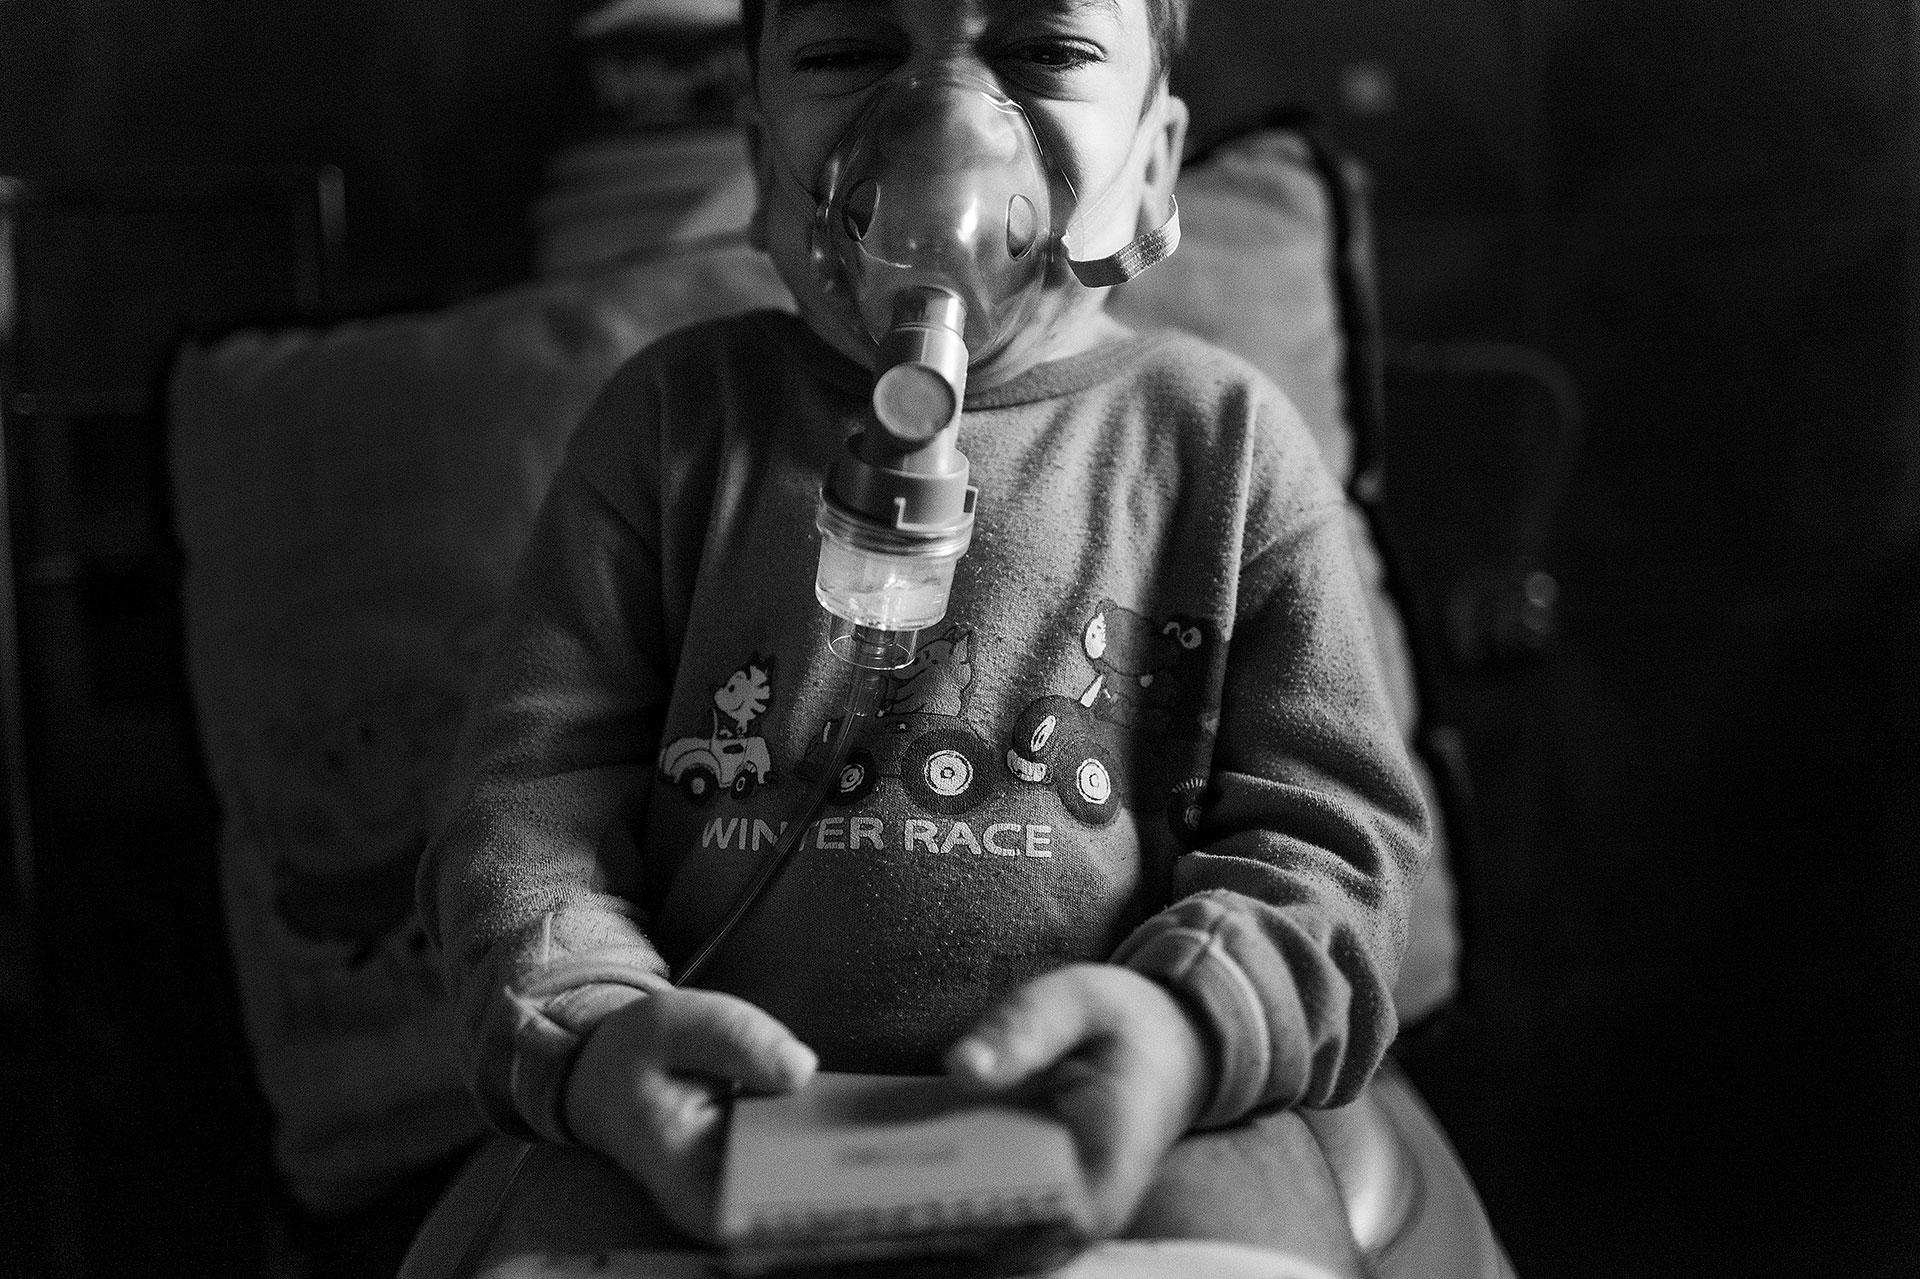 A lo largo del día, Nacho tiene que usar varias veces una mascarilla de oxígeno debido a los problemas respiratorios que conlleva su enfermedad.